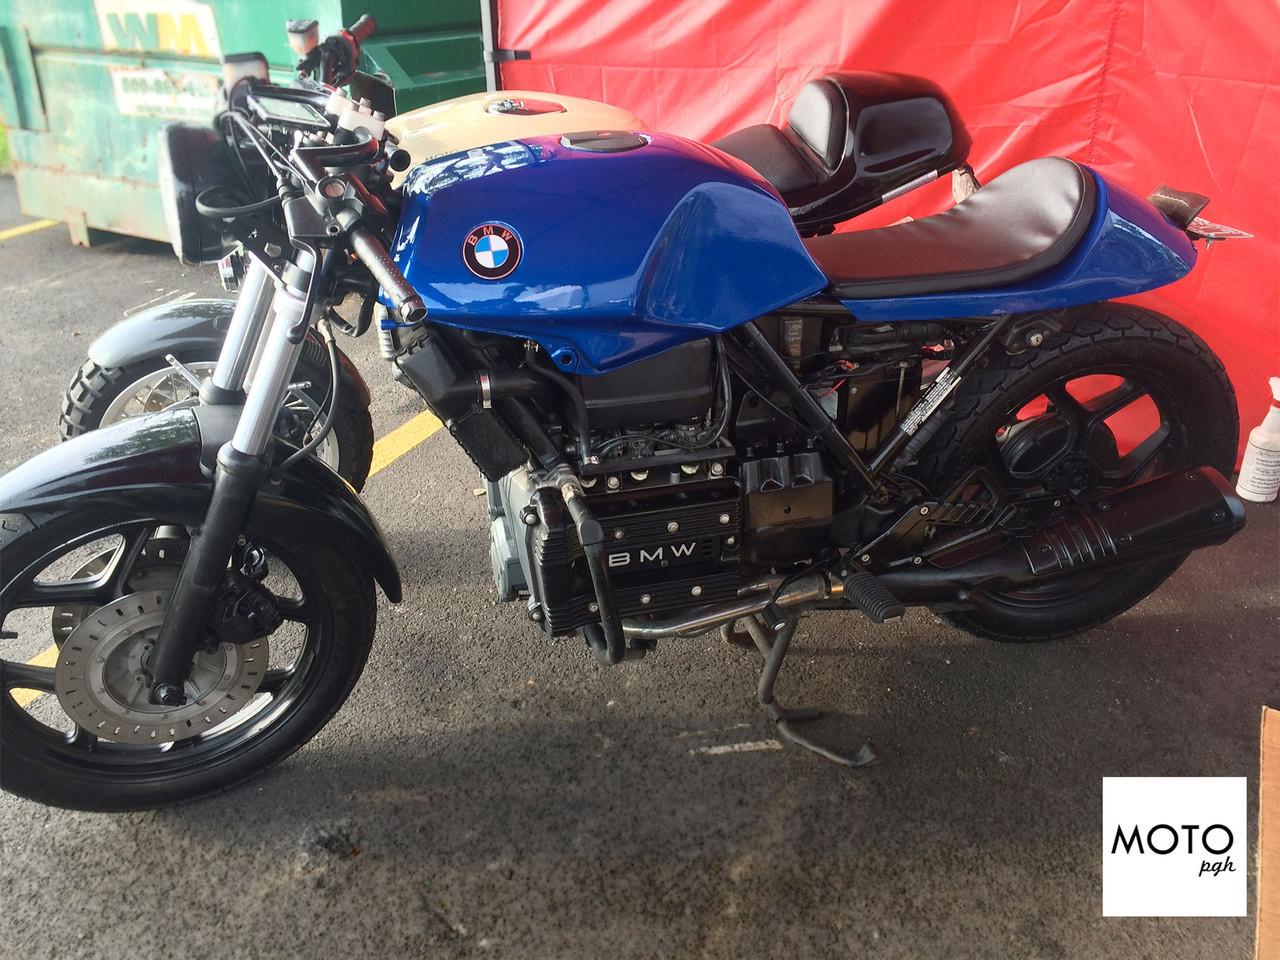 sold 995 moto pgh bmw cafe racer 39 the brick 39 moto pgh. Black Bedroom Furniture Sets. Home Design Ideas